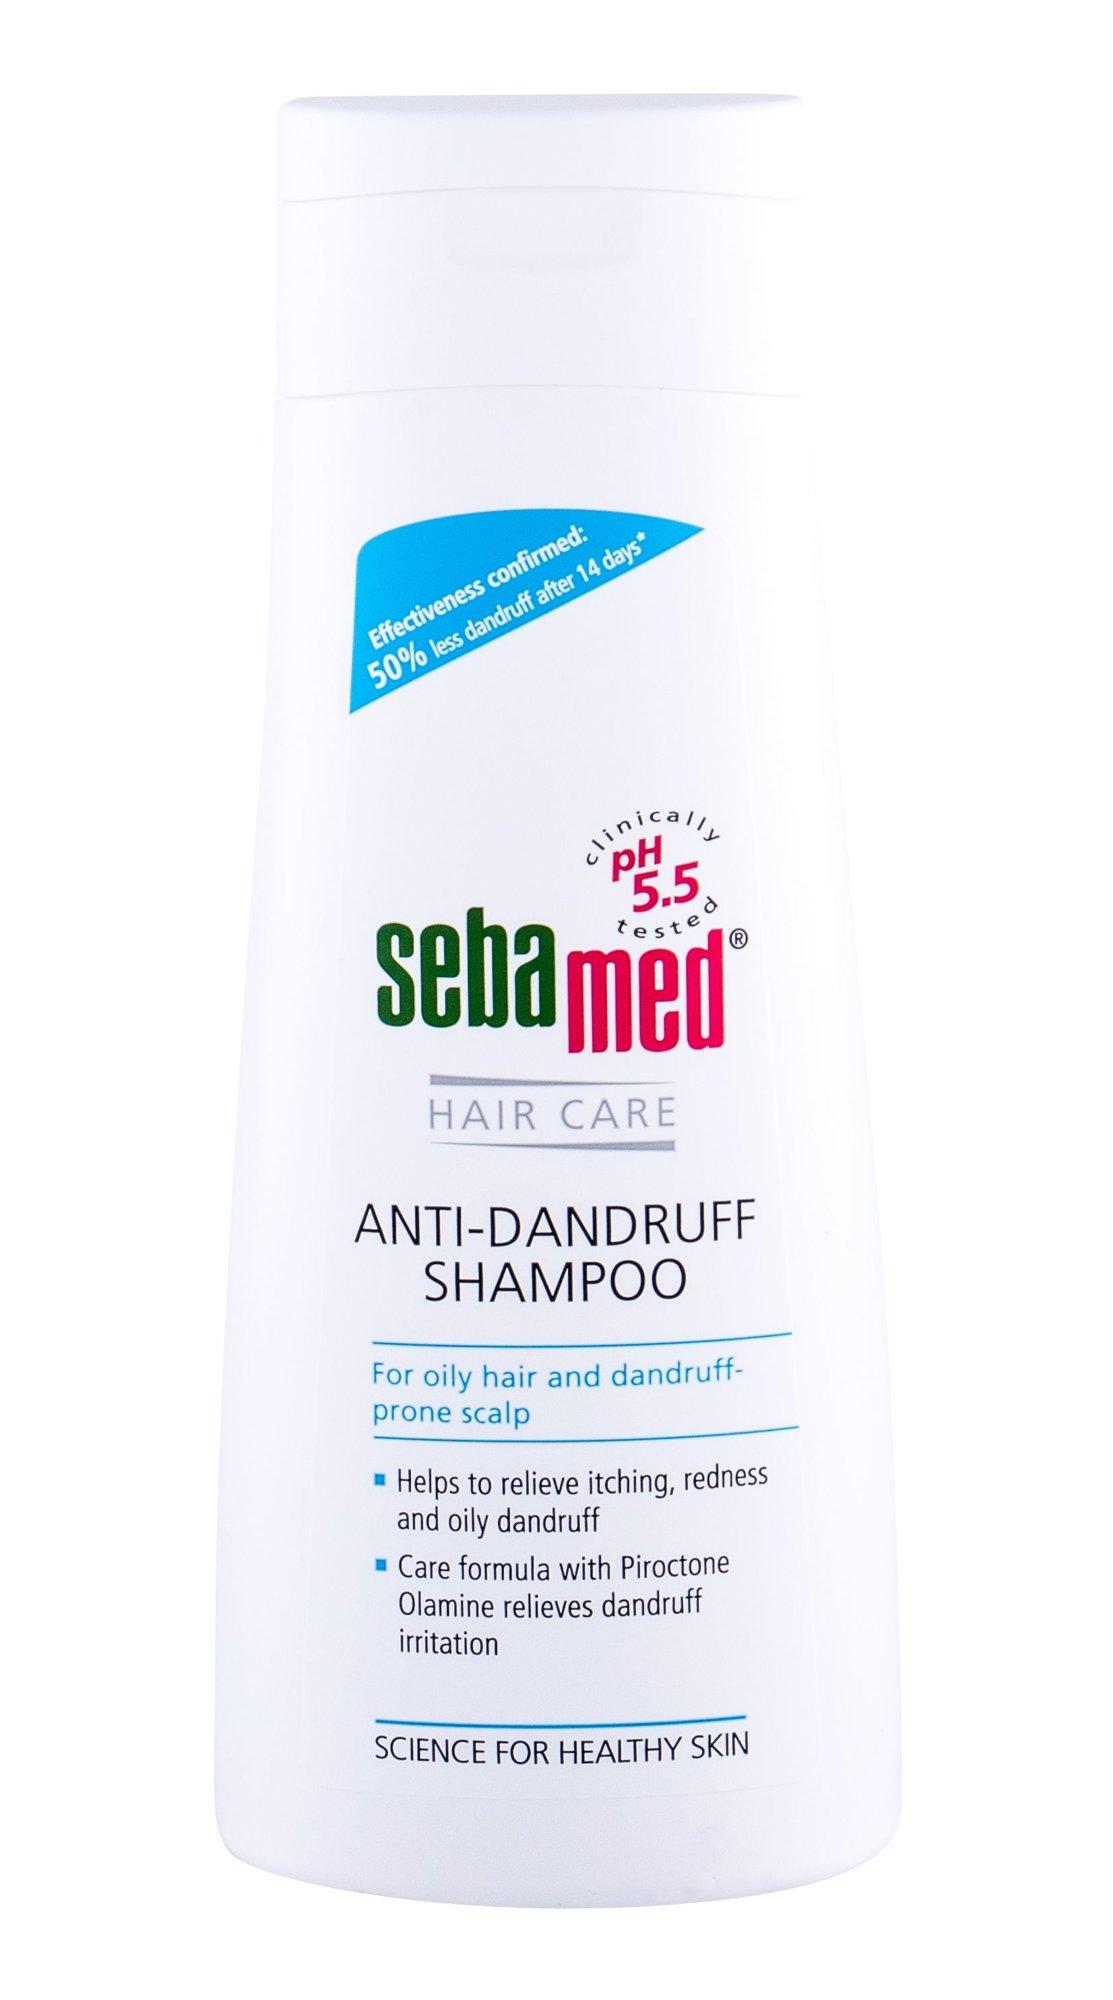 SebaMed Hair Care Shampoo 200ml